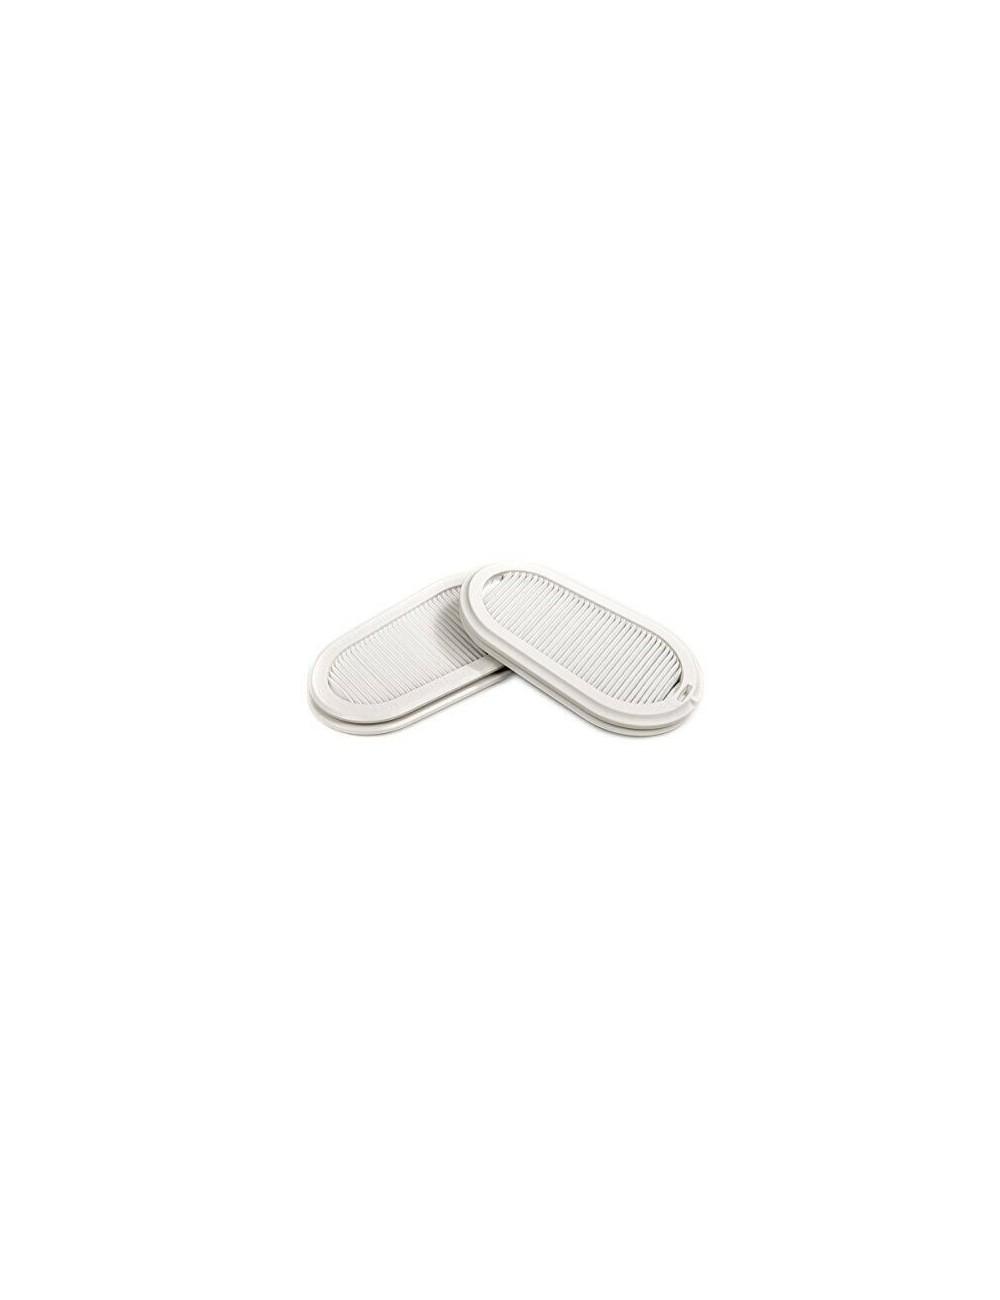 Elipse SPR316 P3 filtr przeciwpyłowy do półmasek SPR299 i SPR501